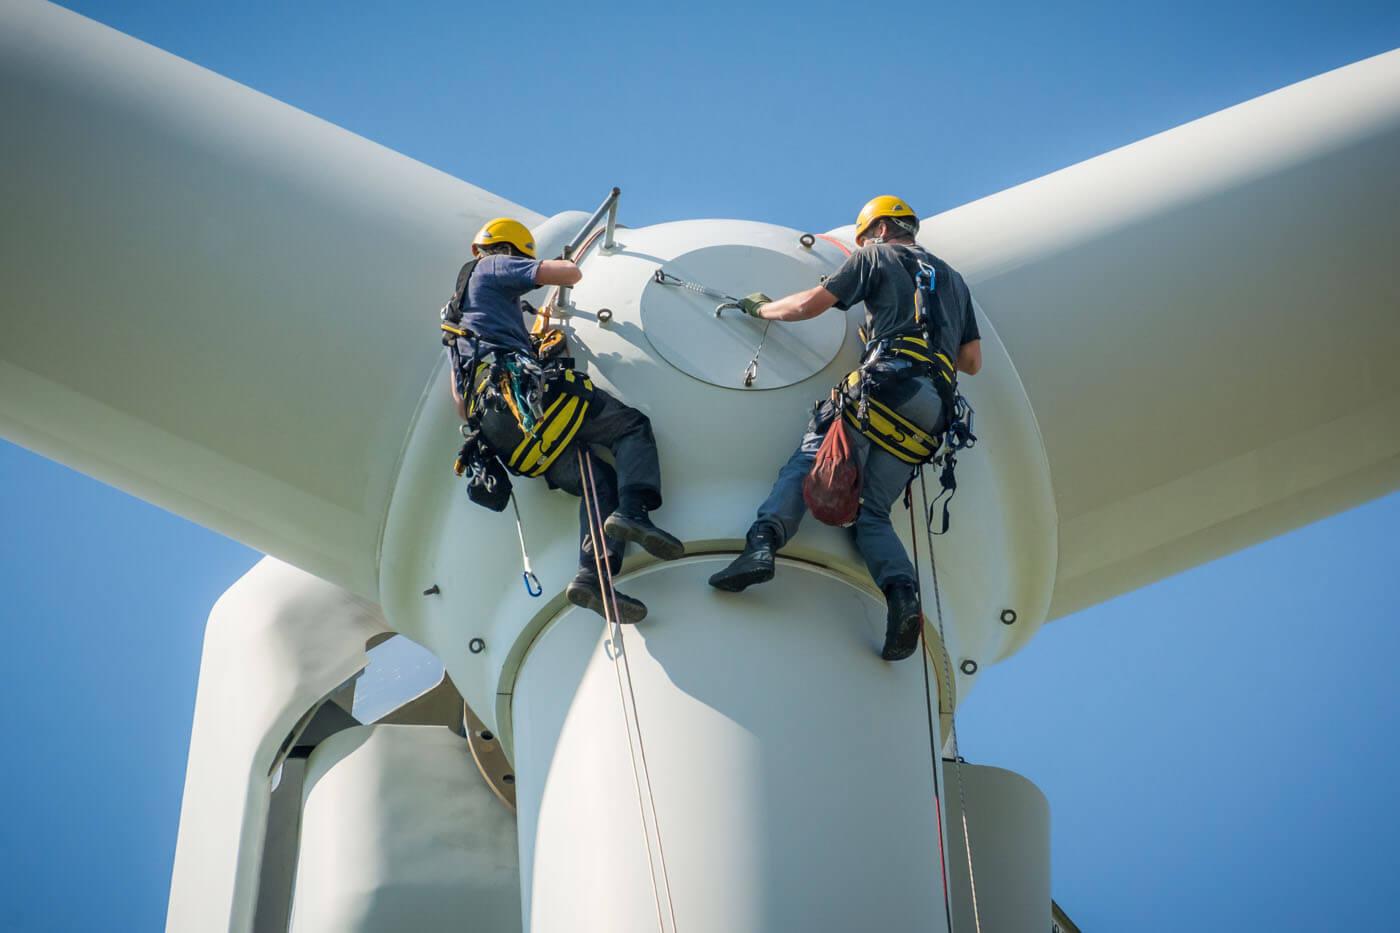 Engineers work on a turbine nacelle.